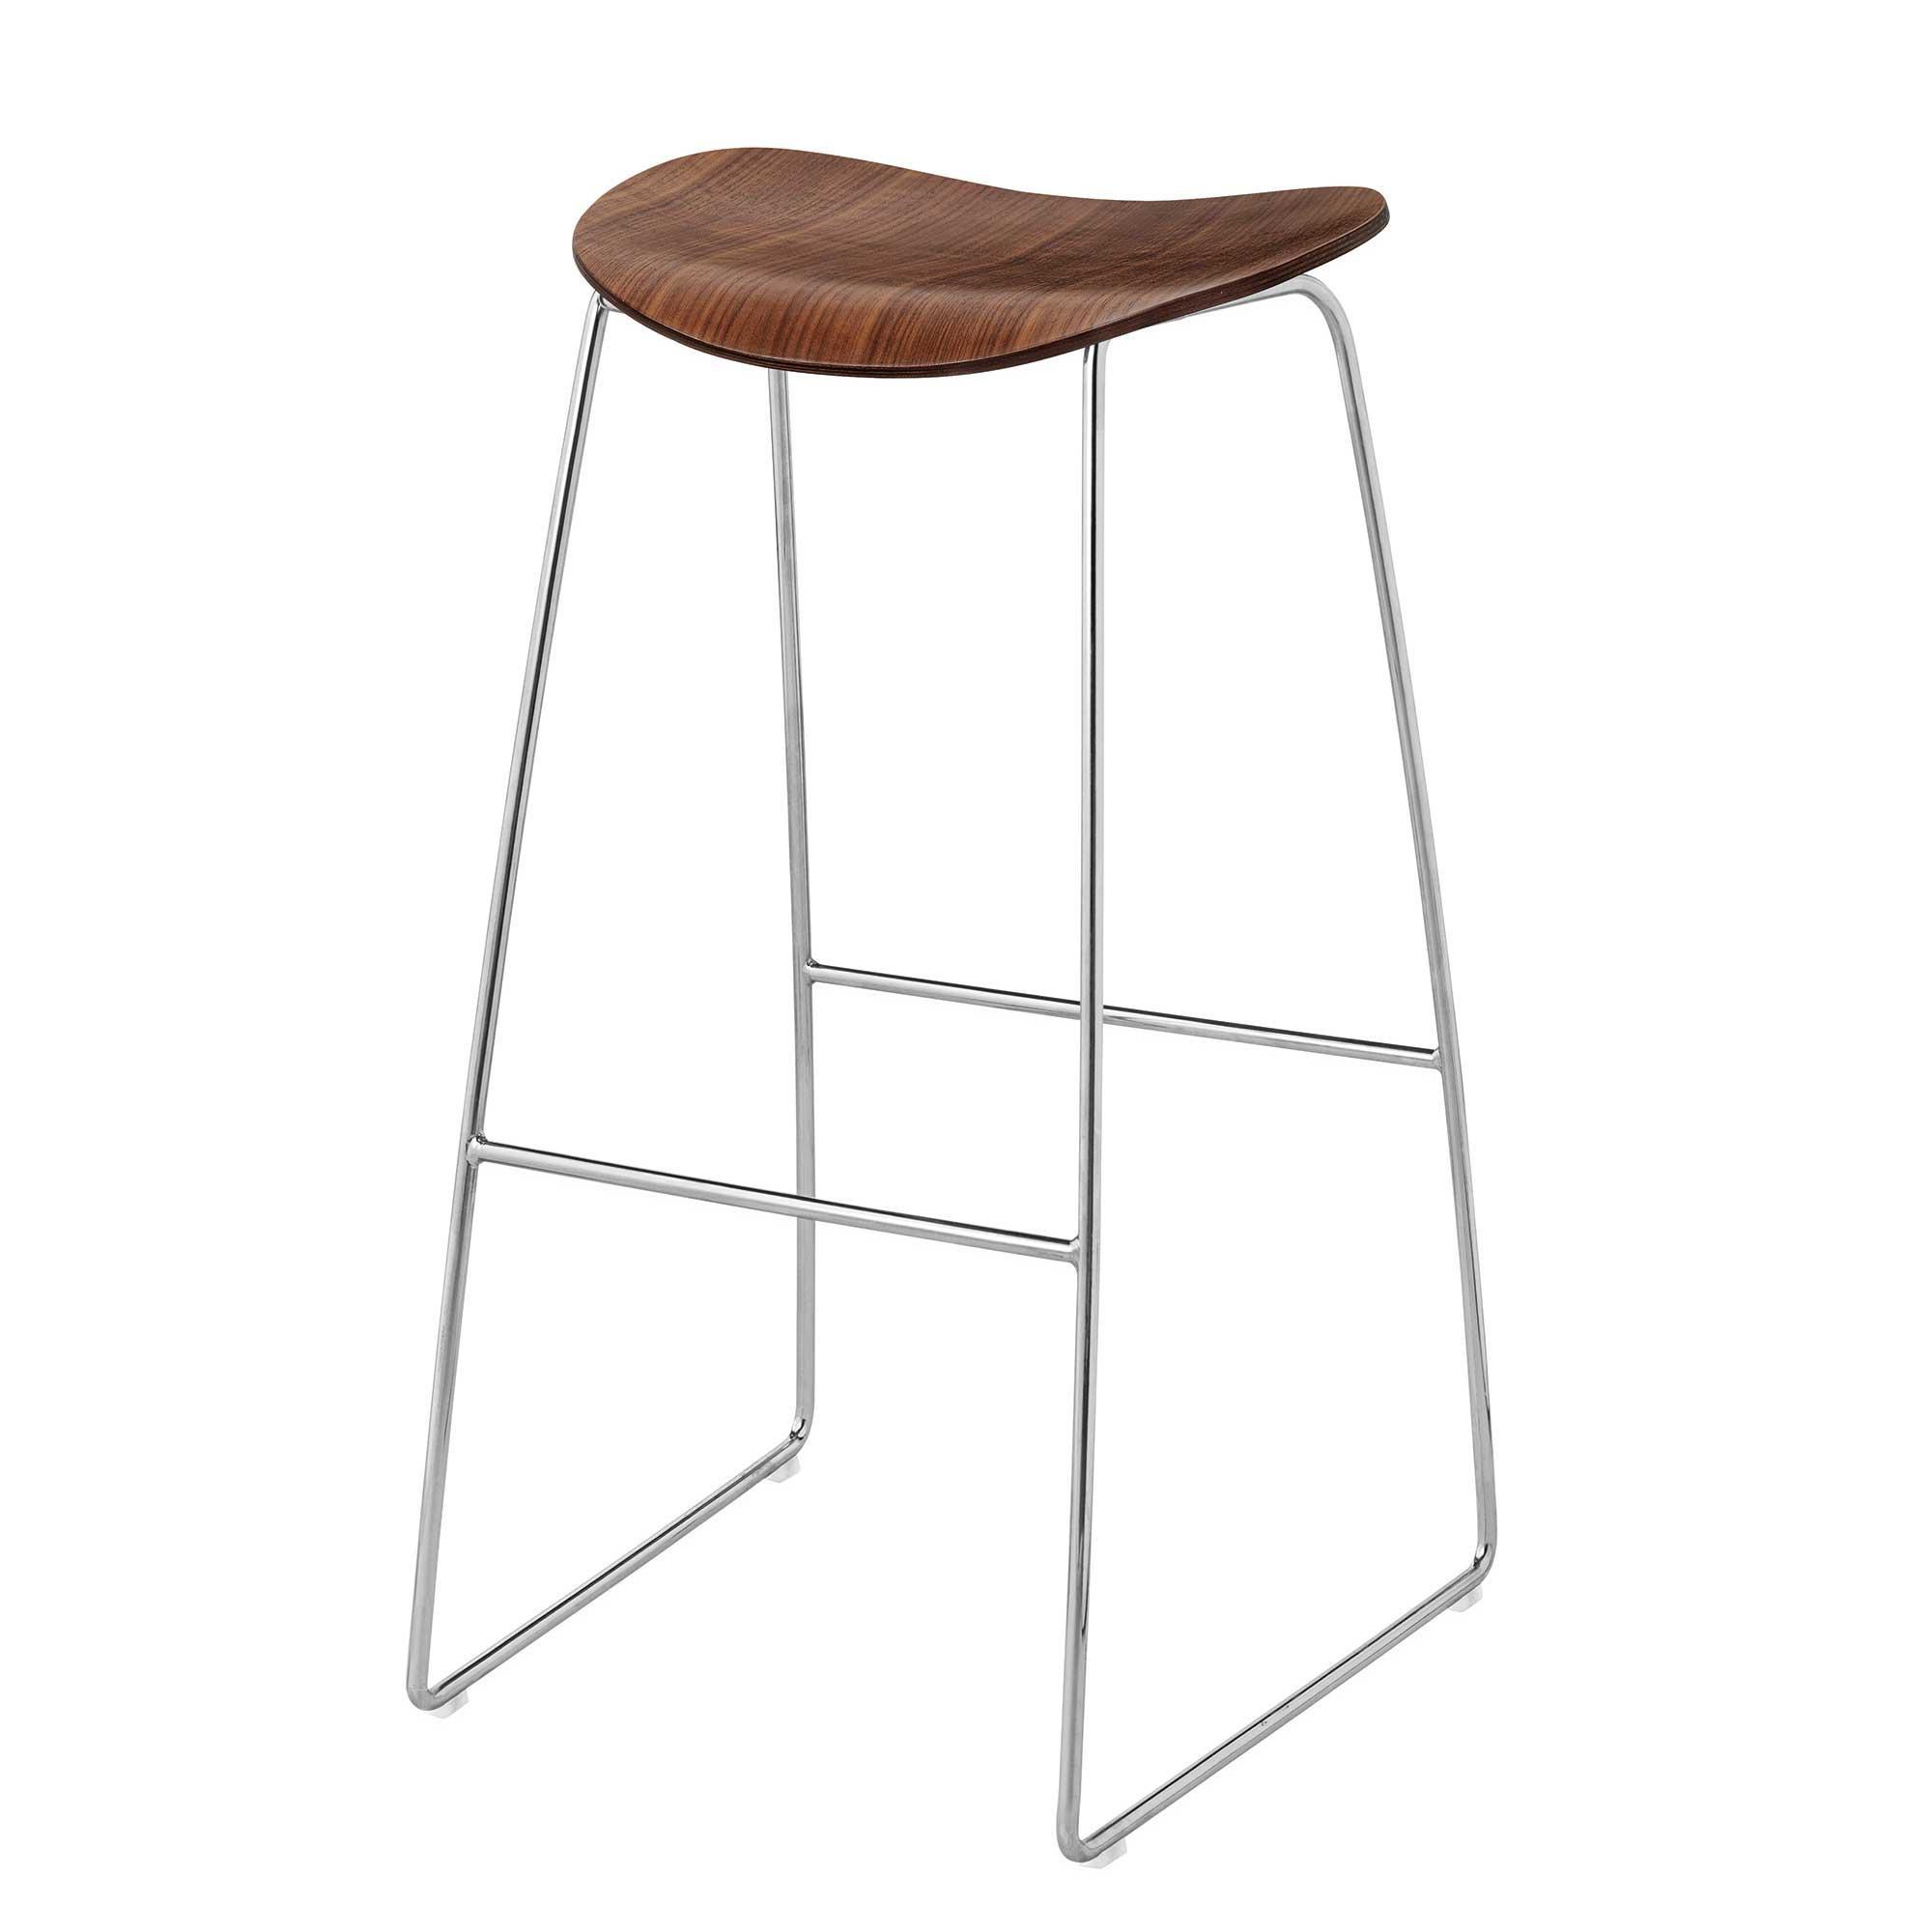 Gubi 2D Bar Stool Barhocker mit Kufengestell - Walnuss/Sitzfläche Amerikanische Walnuss/BxHxT 44x78x45cm/Gestell Chrom/Kunststoffgleiter | Küche und Esszimmer > Bar-Möbel | Gubi